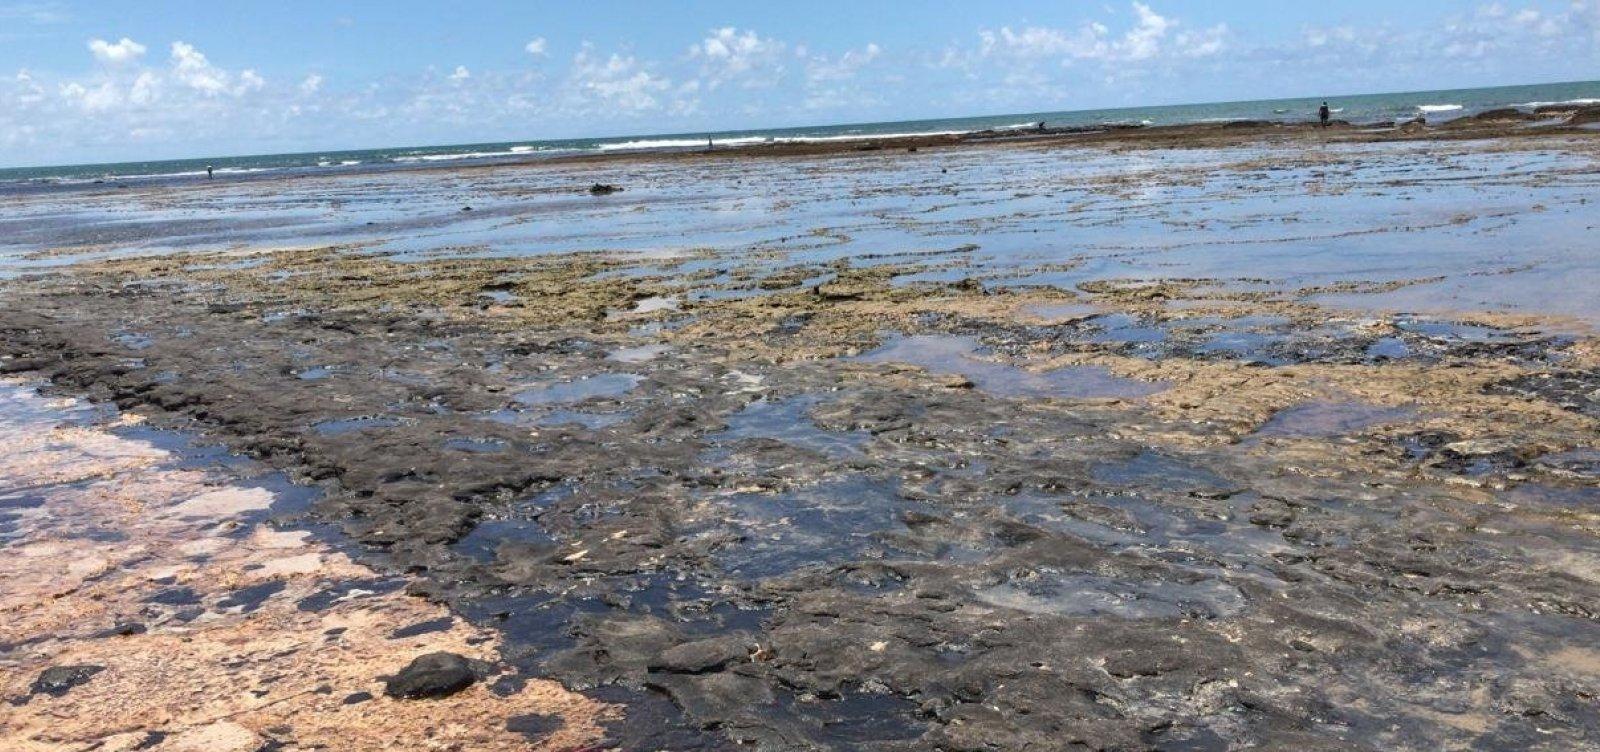 [Óleo coletado por voluntários em Itacimirim volta ao mar após descaso de órgãos responsáveis]